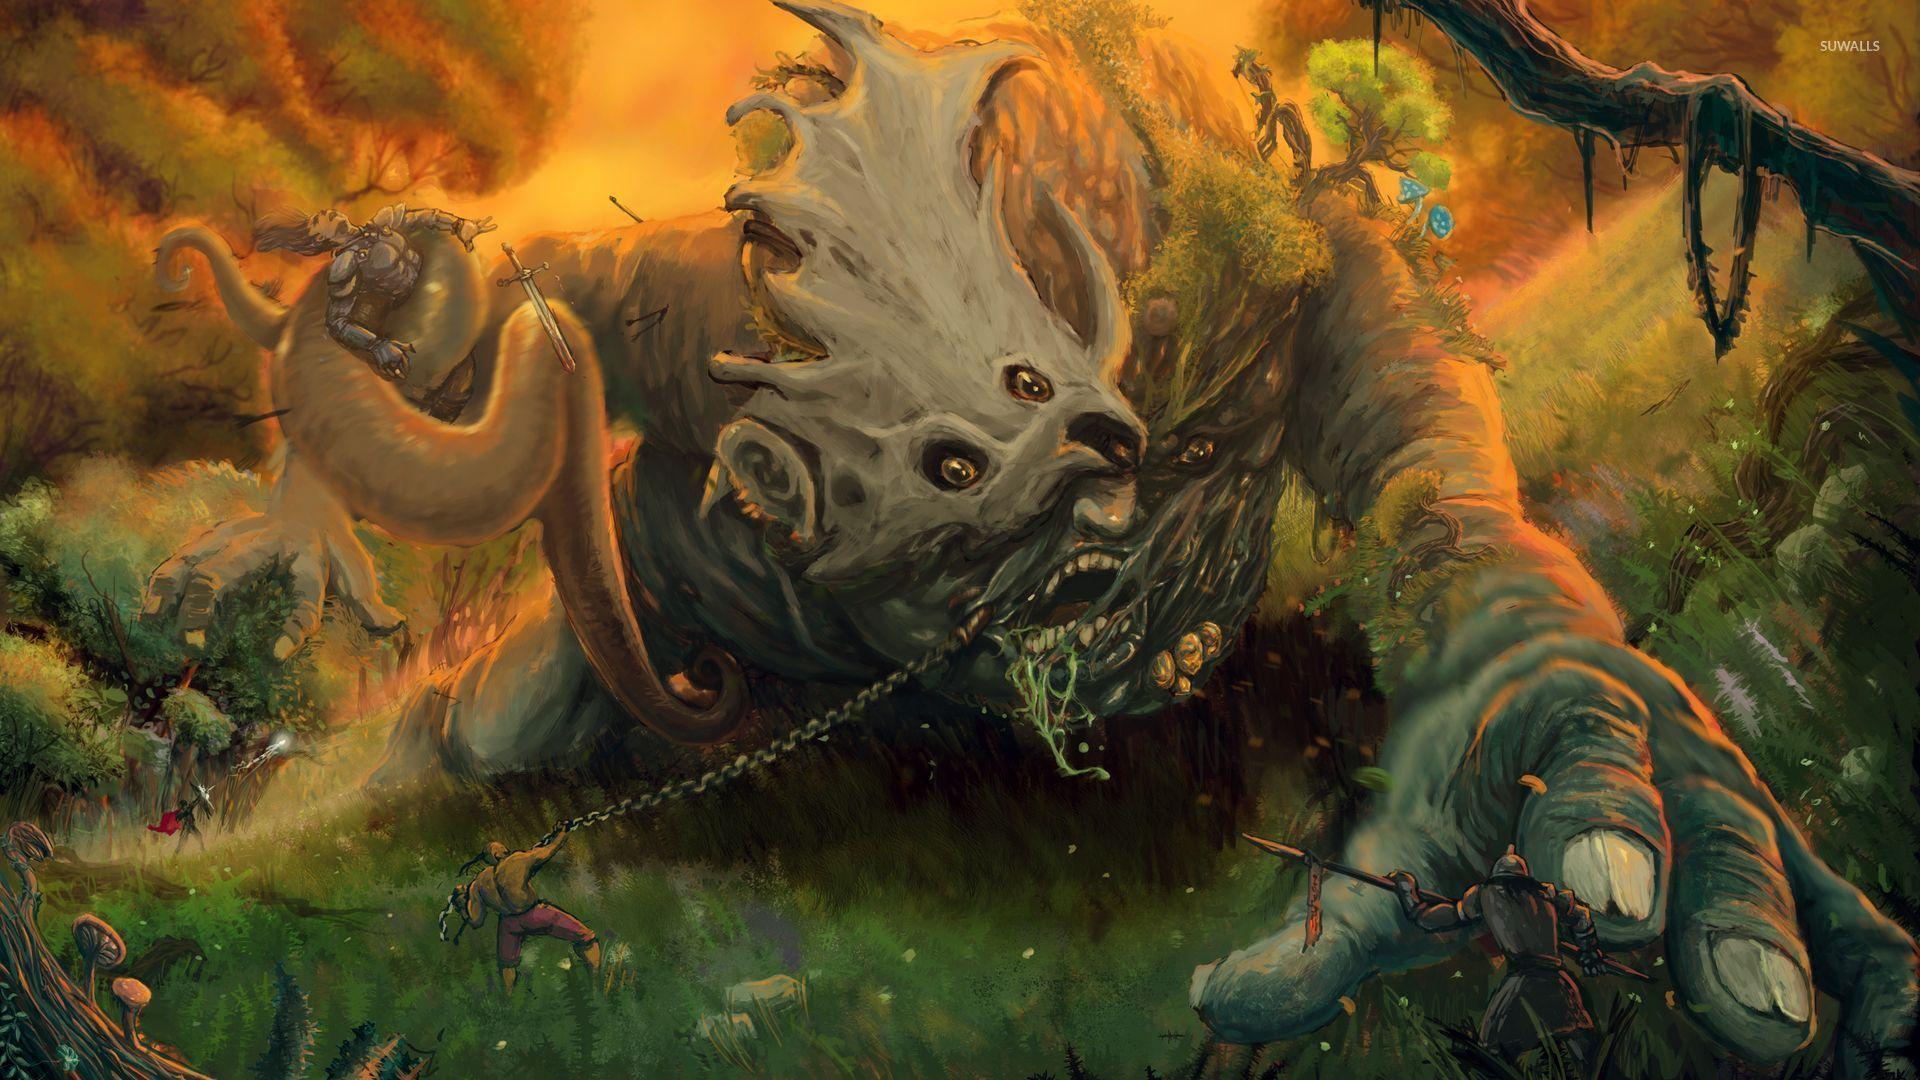 Green Tree Monster Wallpaper Fantasy Wallpapers 53922